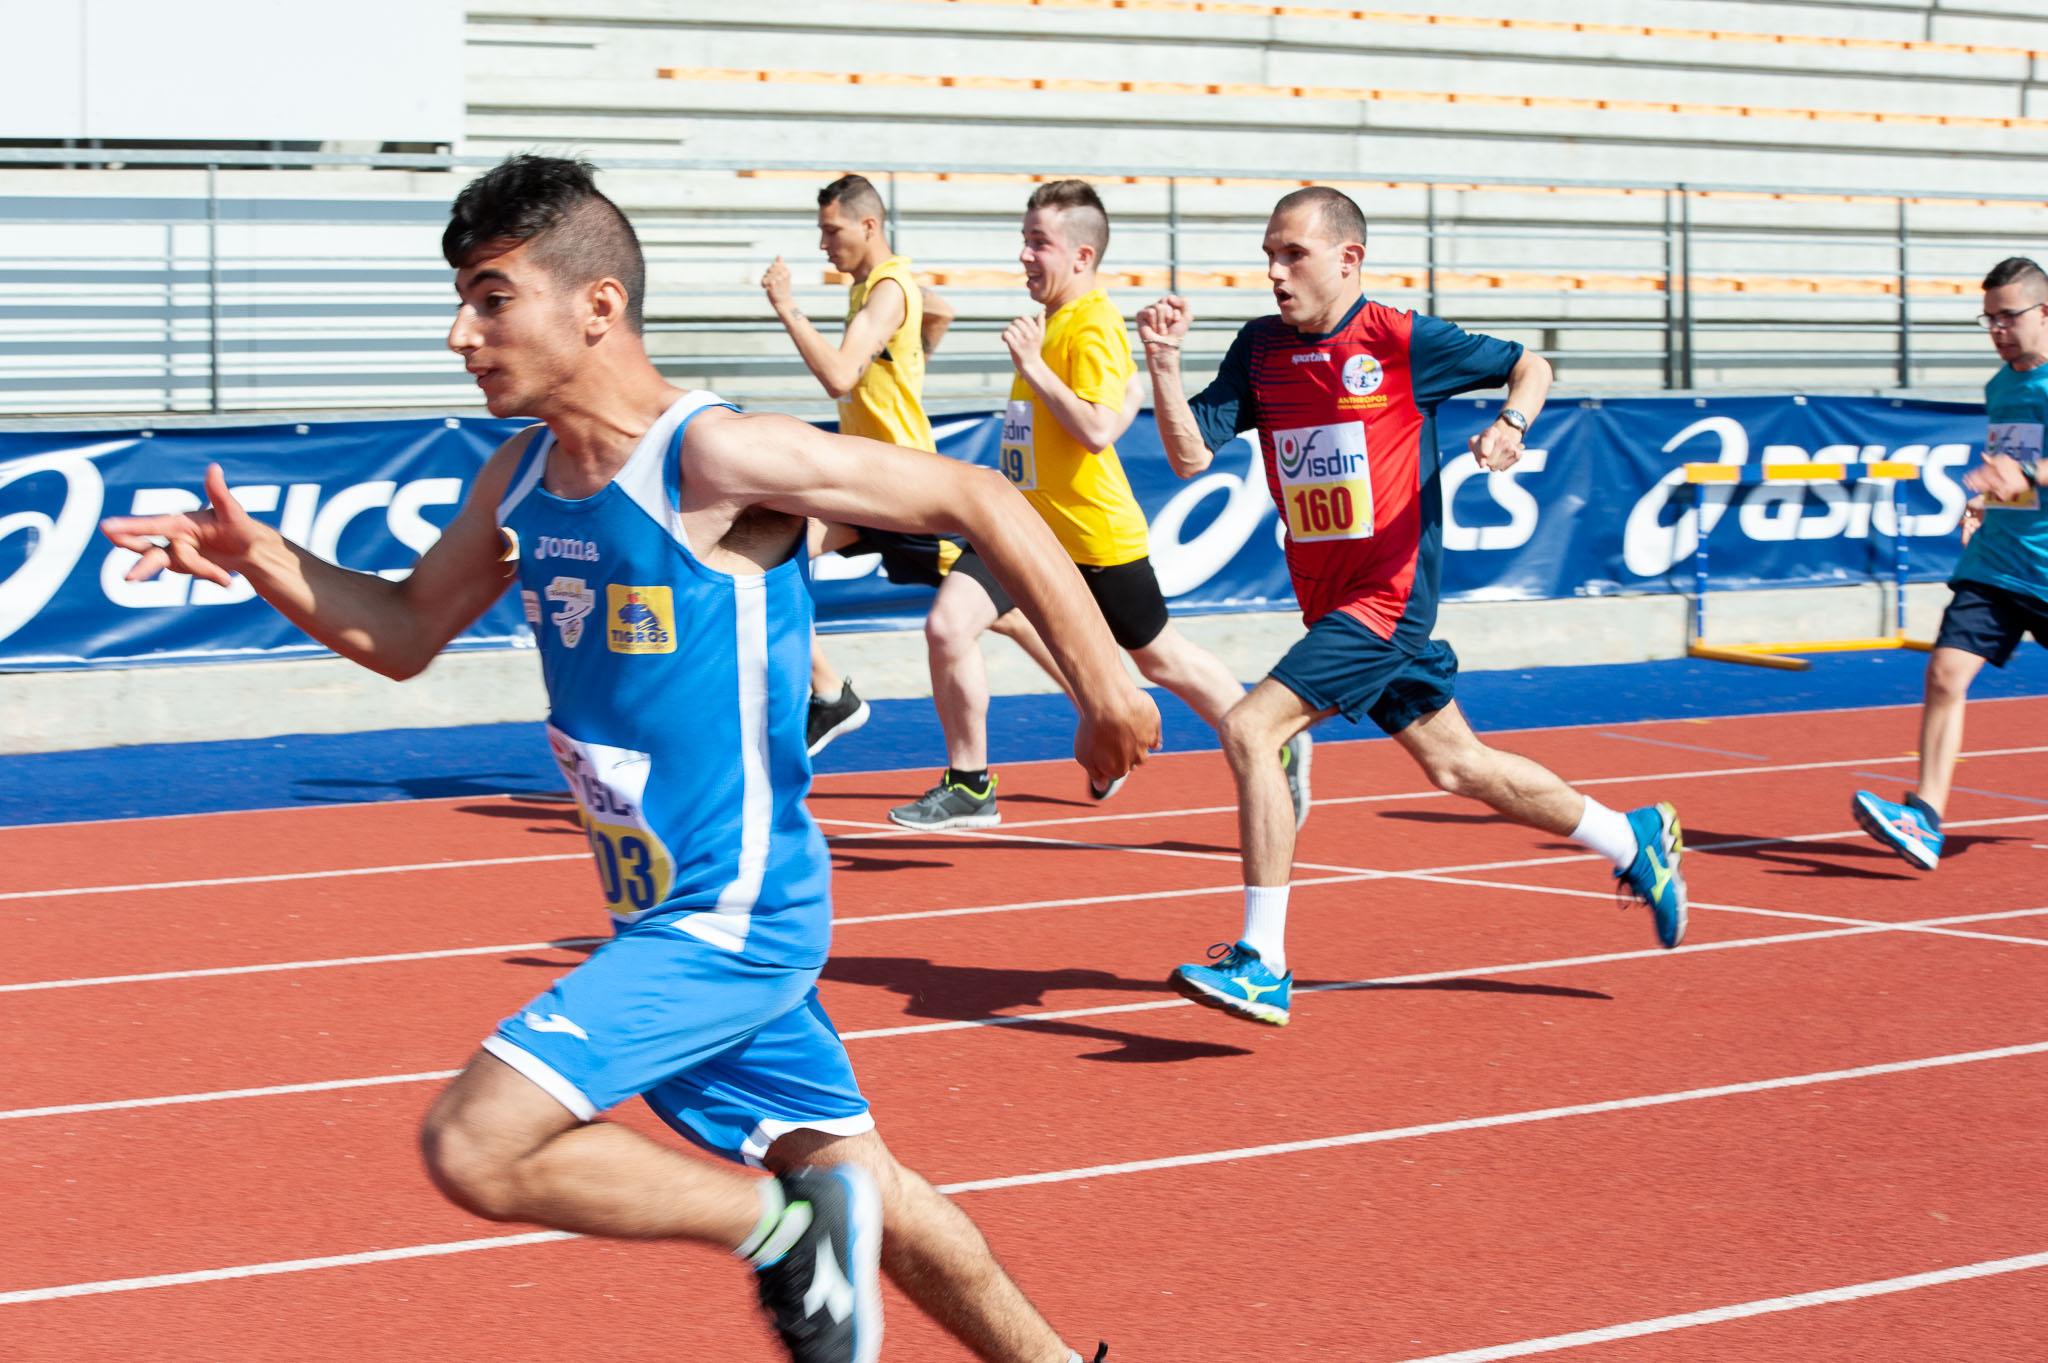 Campionato italiano di Atletica leggera, la circolare